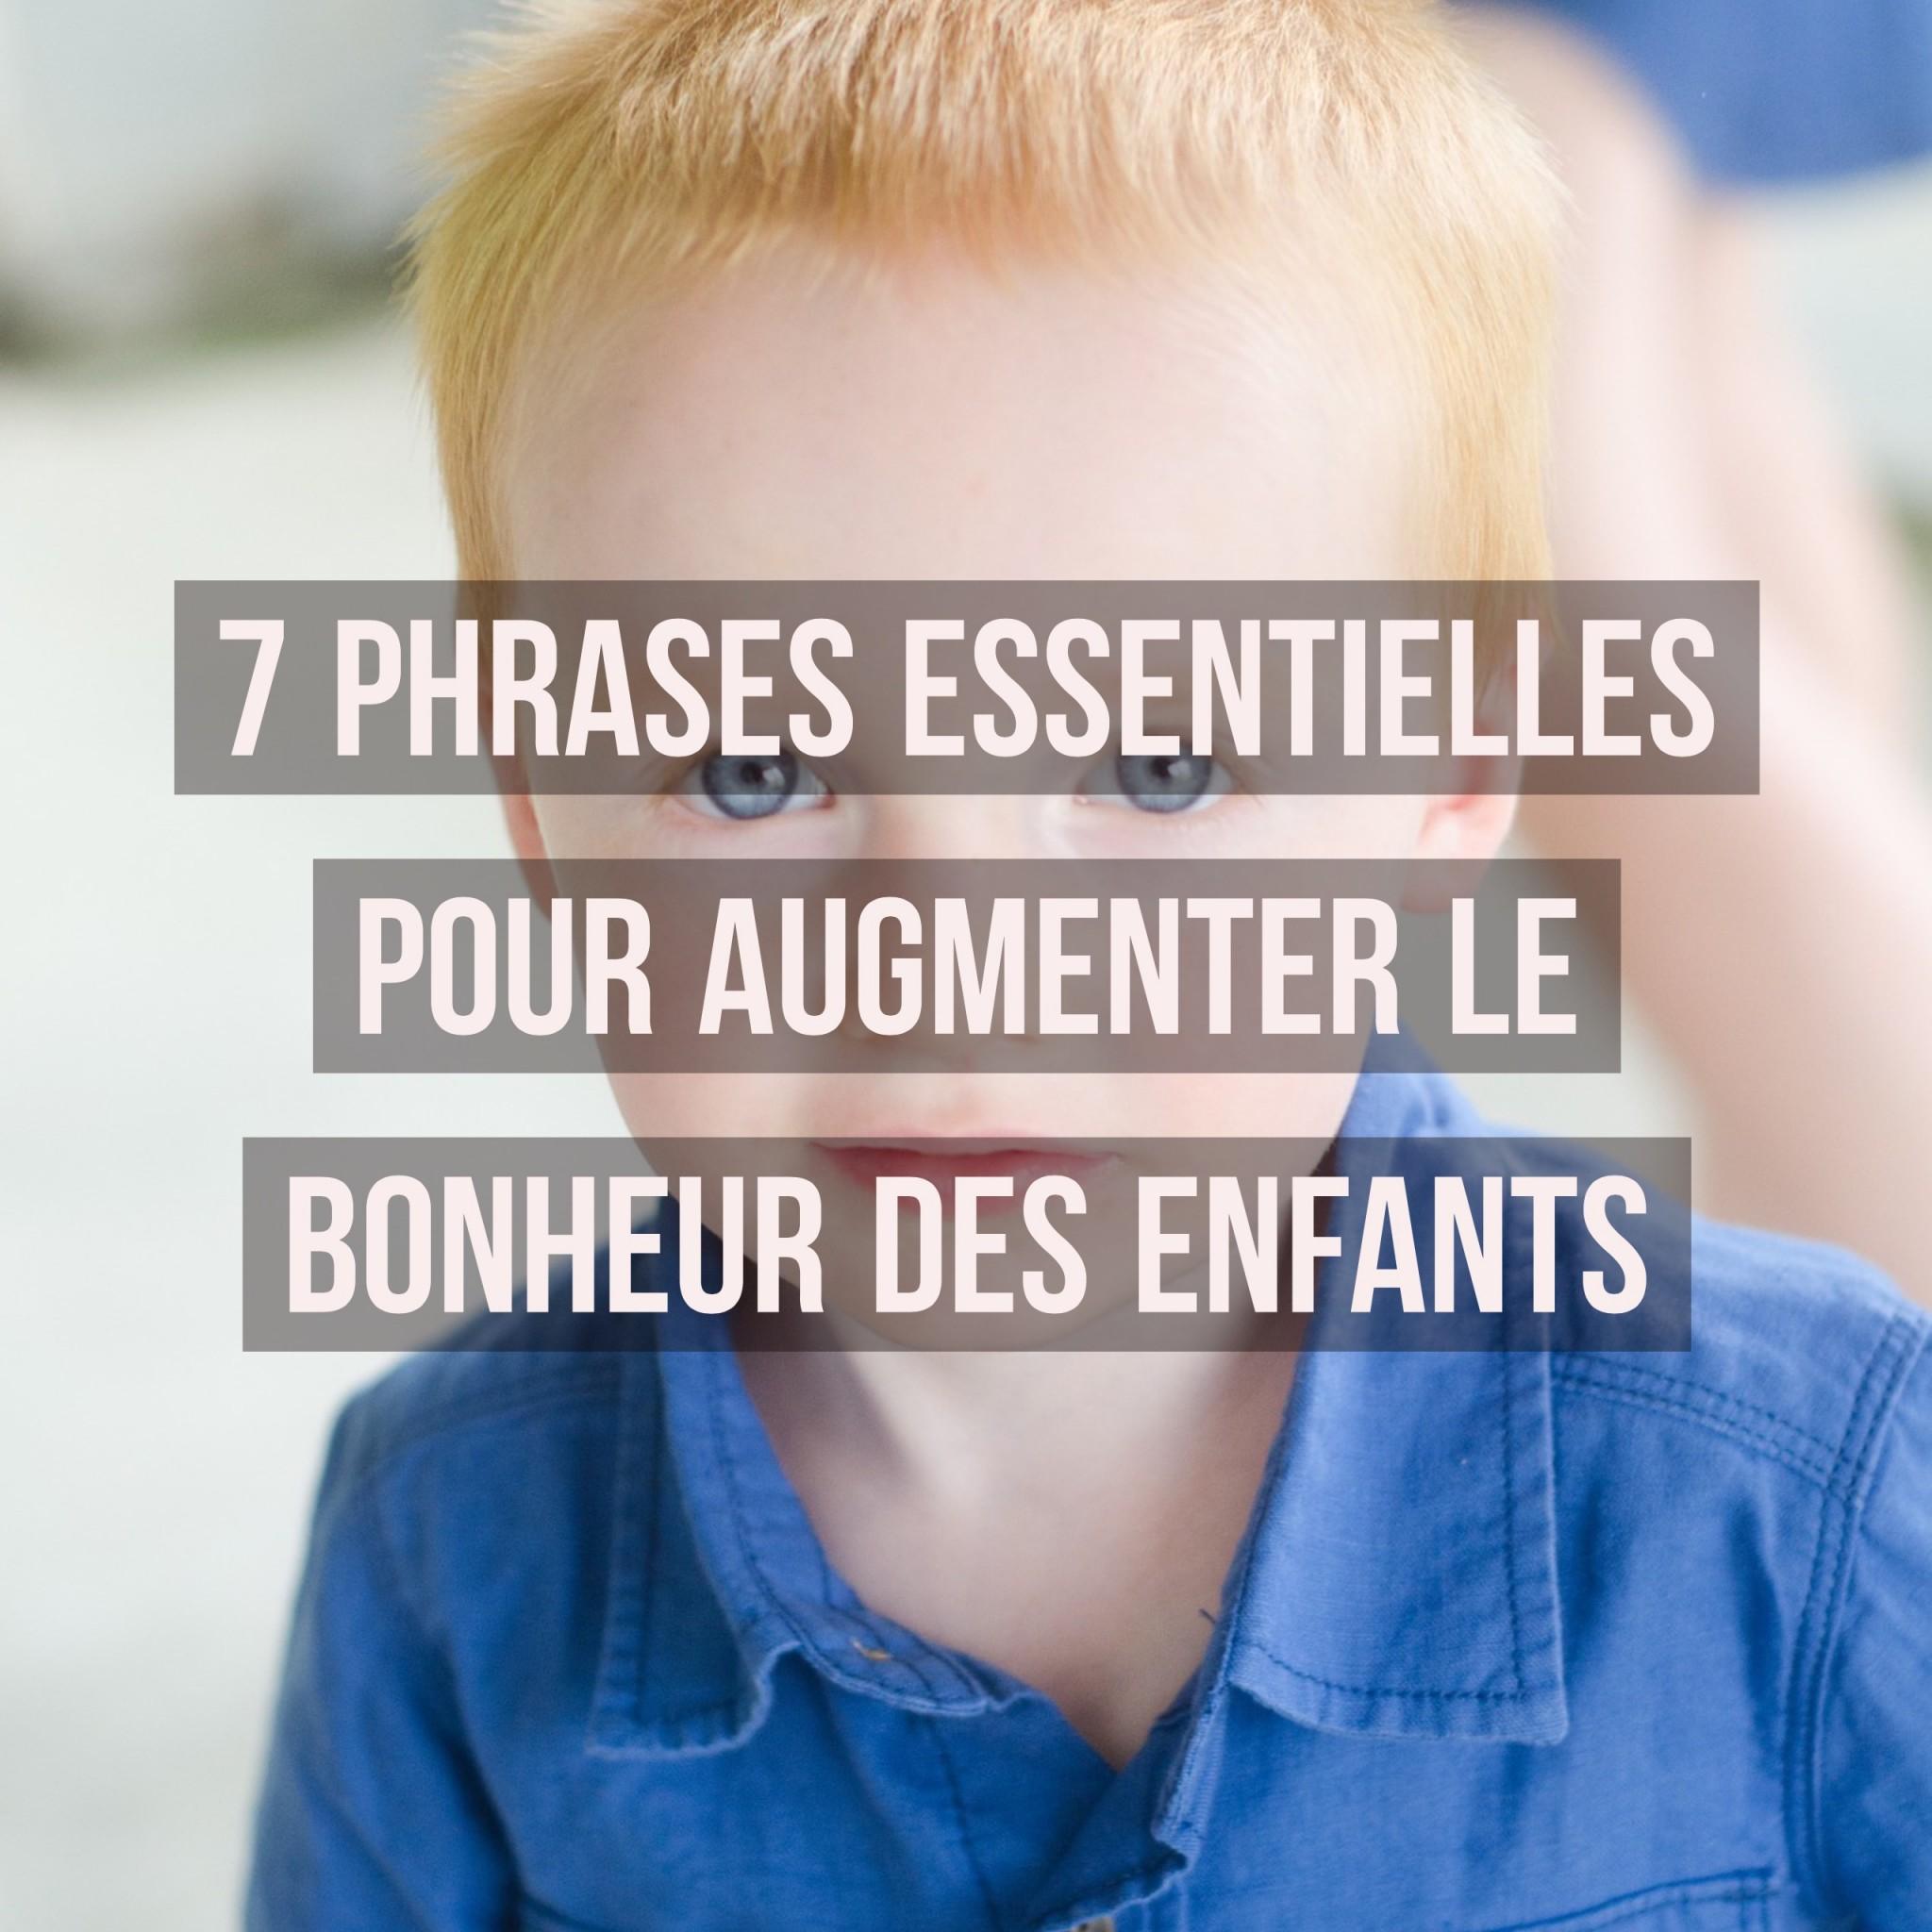 7 phrases essentielles pour augmenter le bonheur des enfants